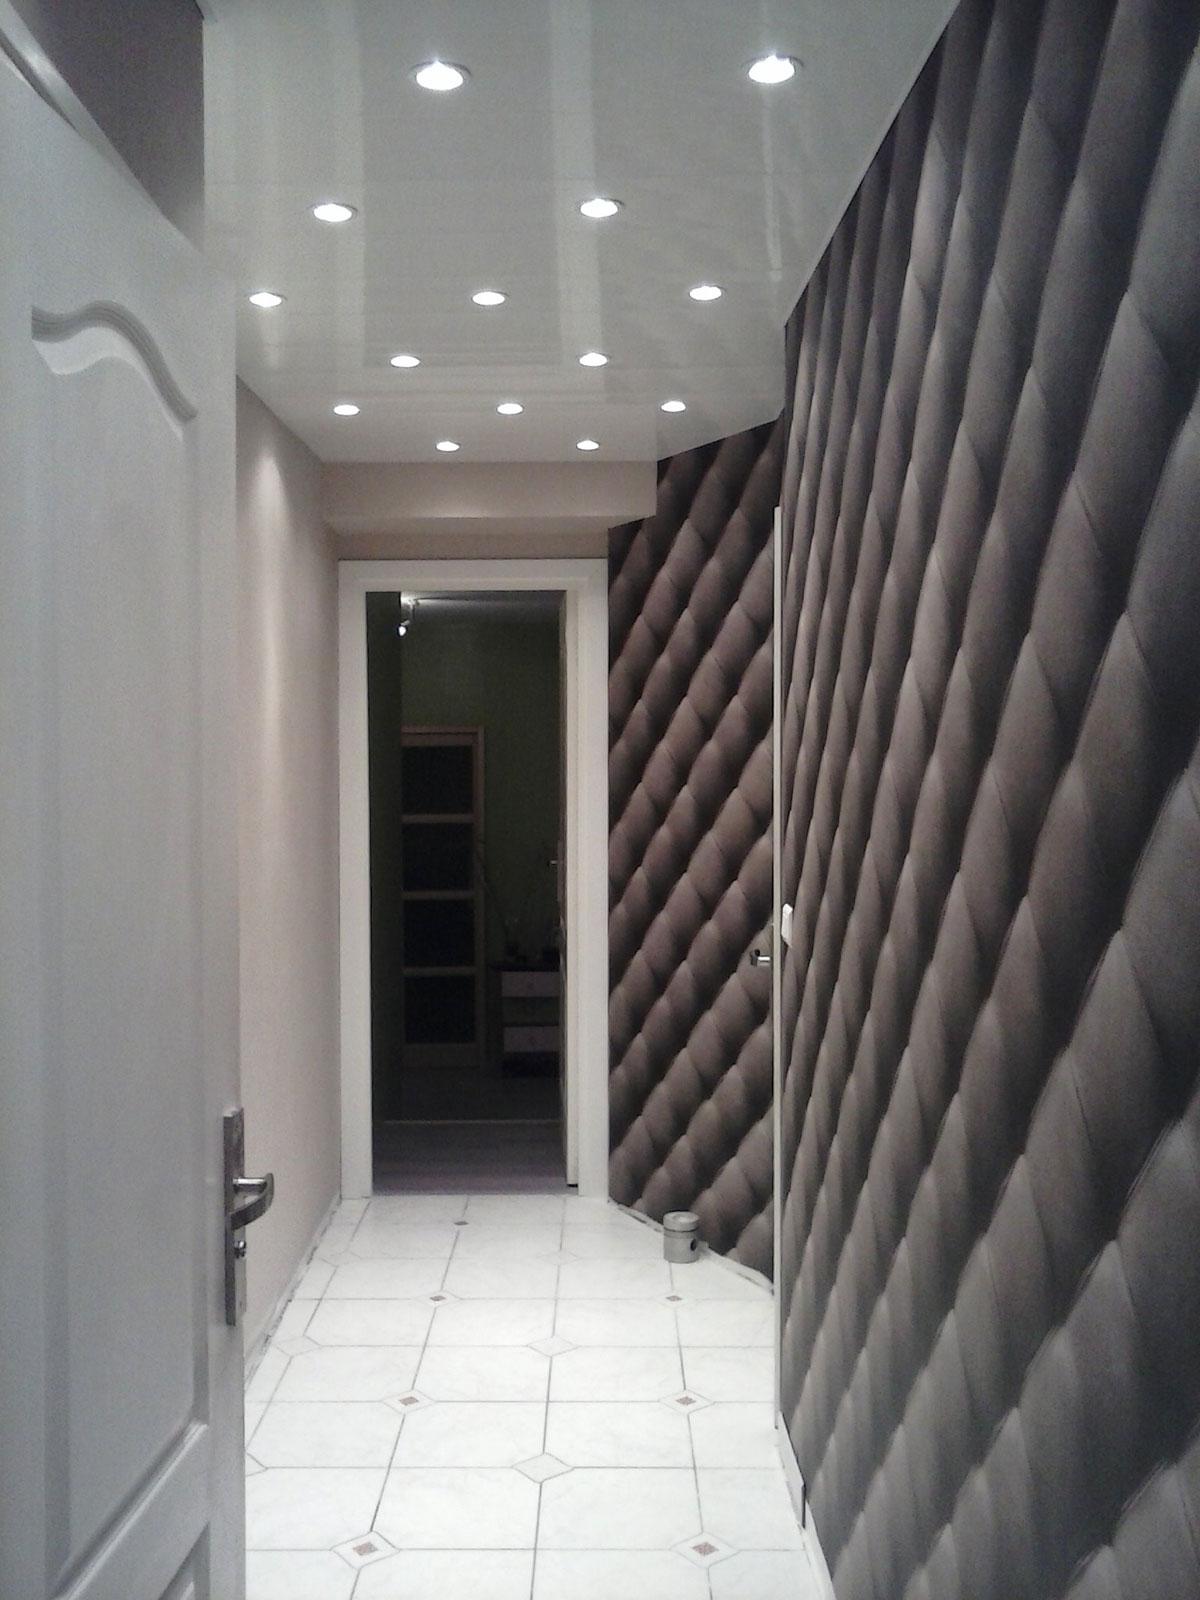 papier peint pour couloir sombre. Black Bedroom Furniture Sets. Home Design Ideas